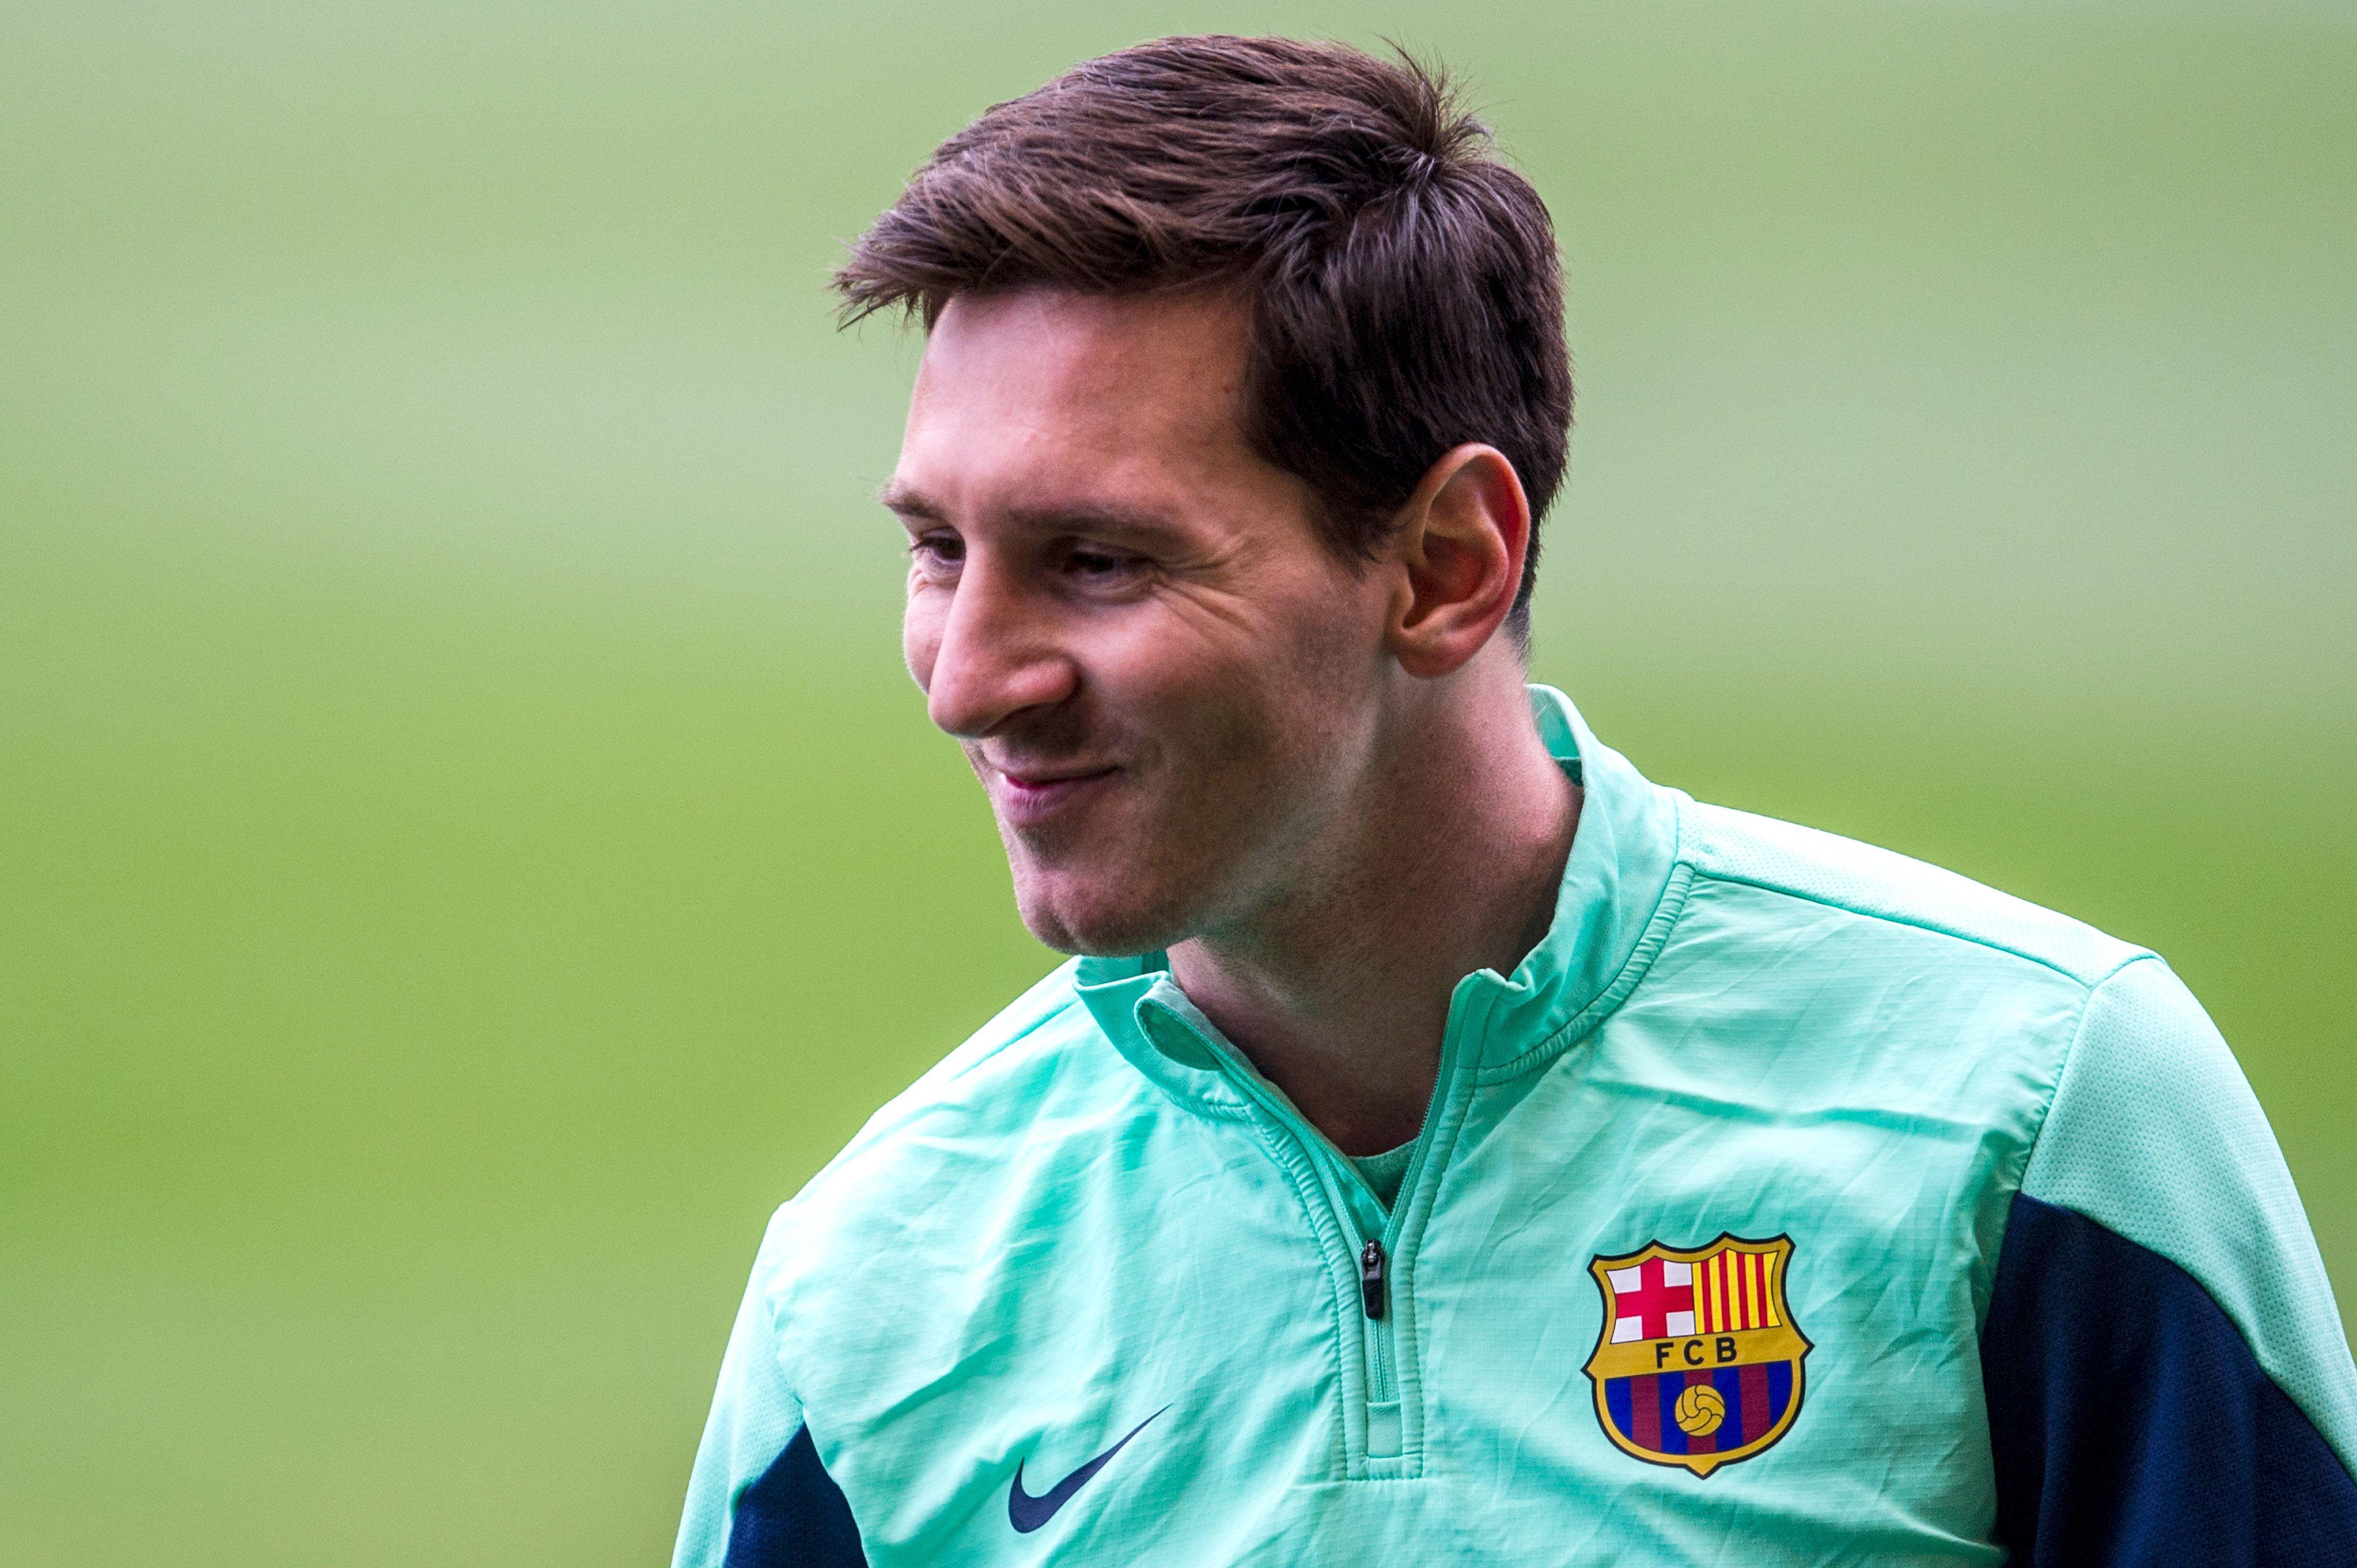 Messi Hairstyle 2014 20623 | NANOZINE